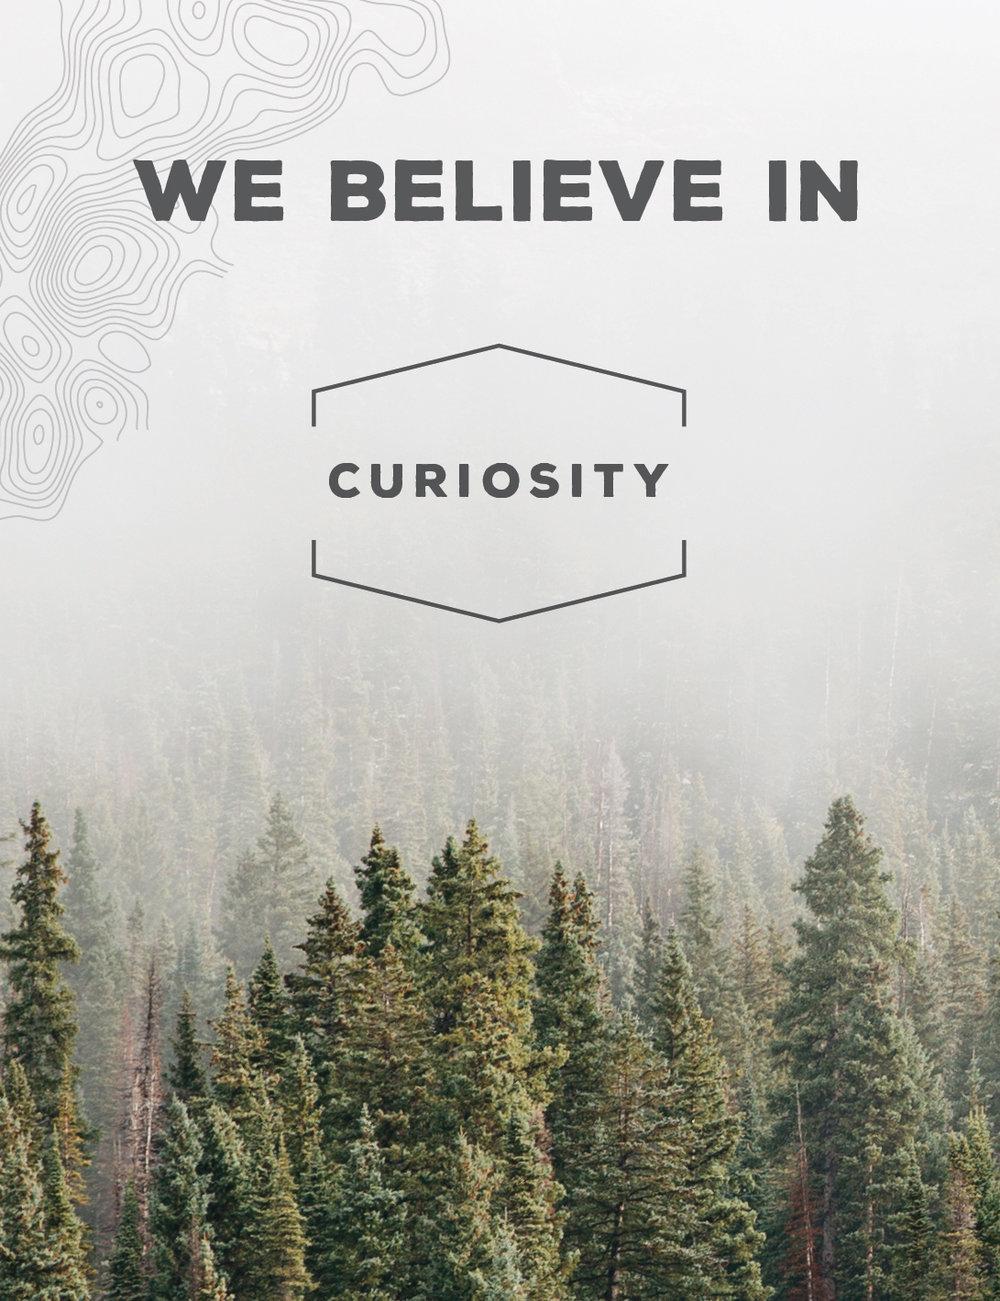 We-believe-in-curiosity